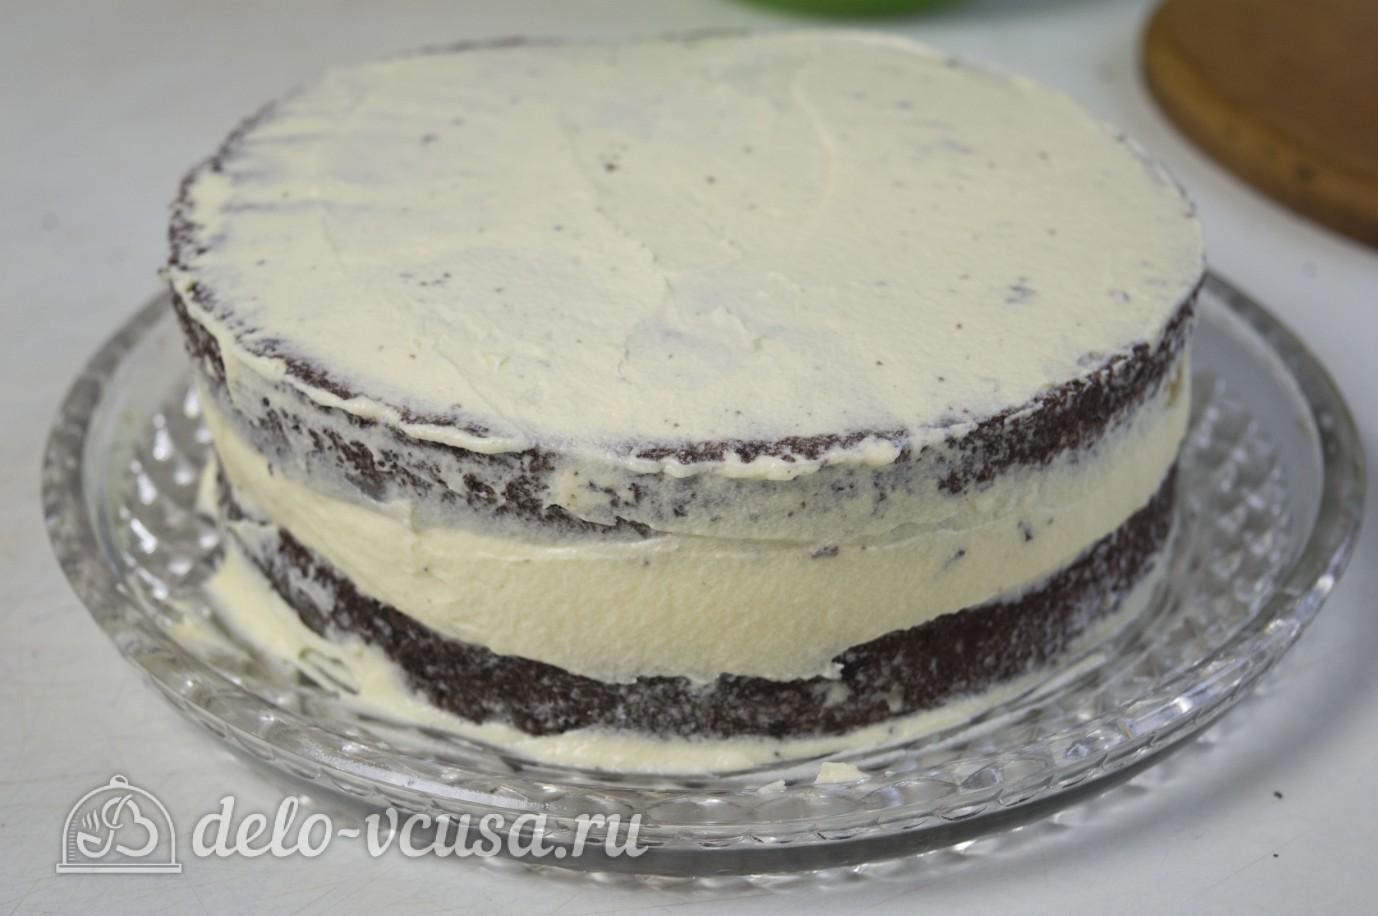 Рецепт песочного торта с заварным кремом и грецкими орехами